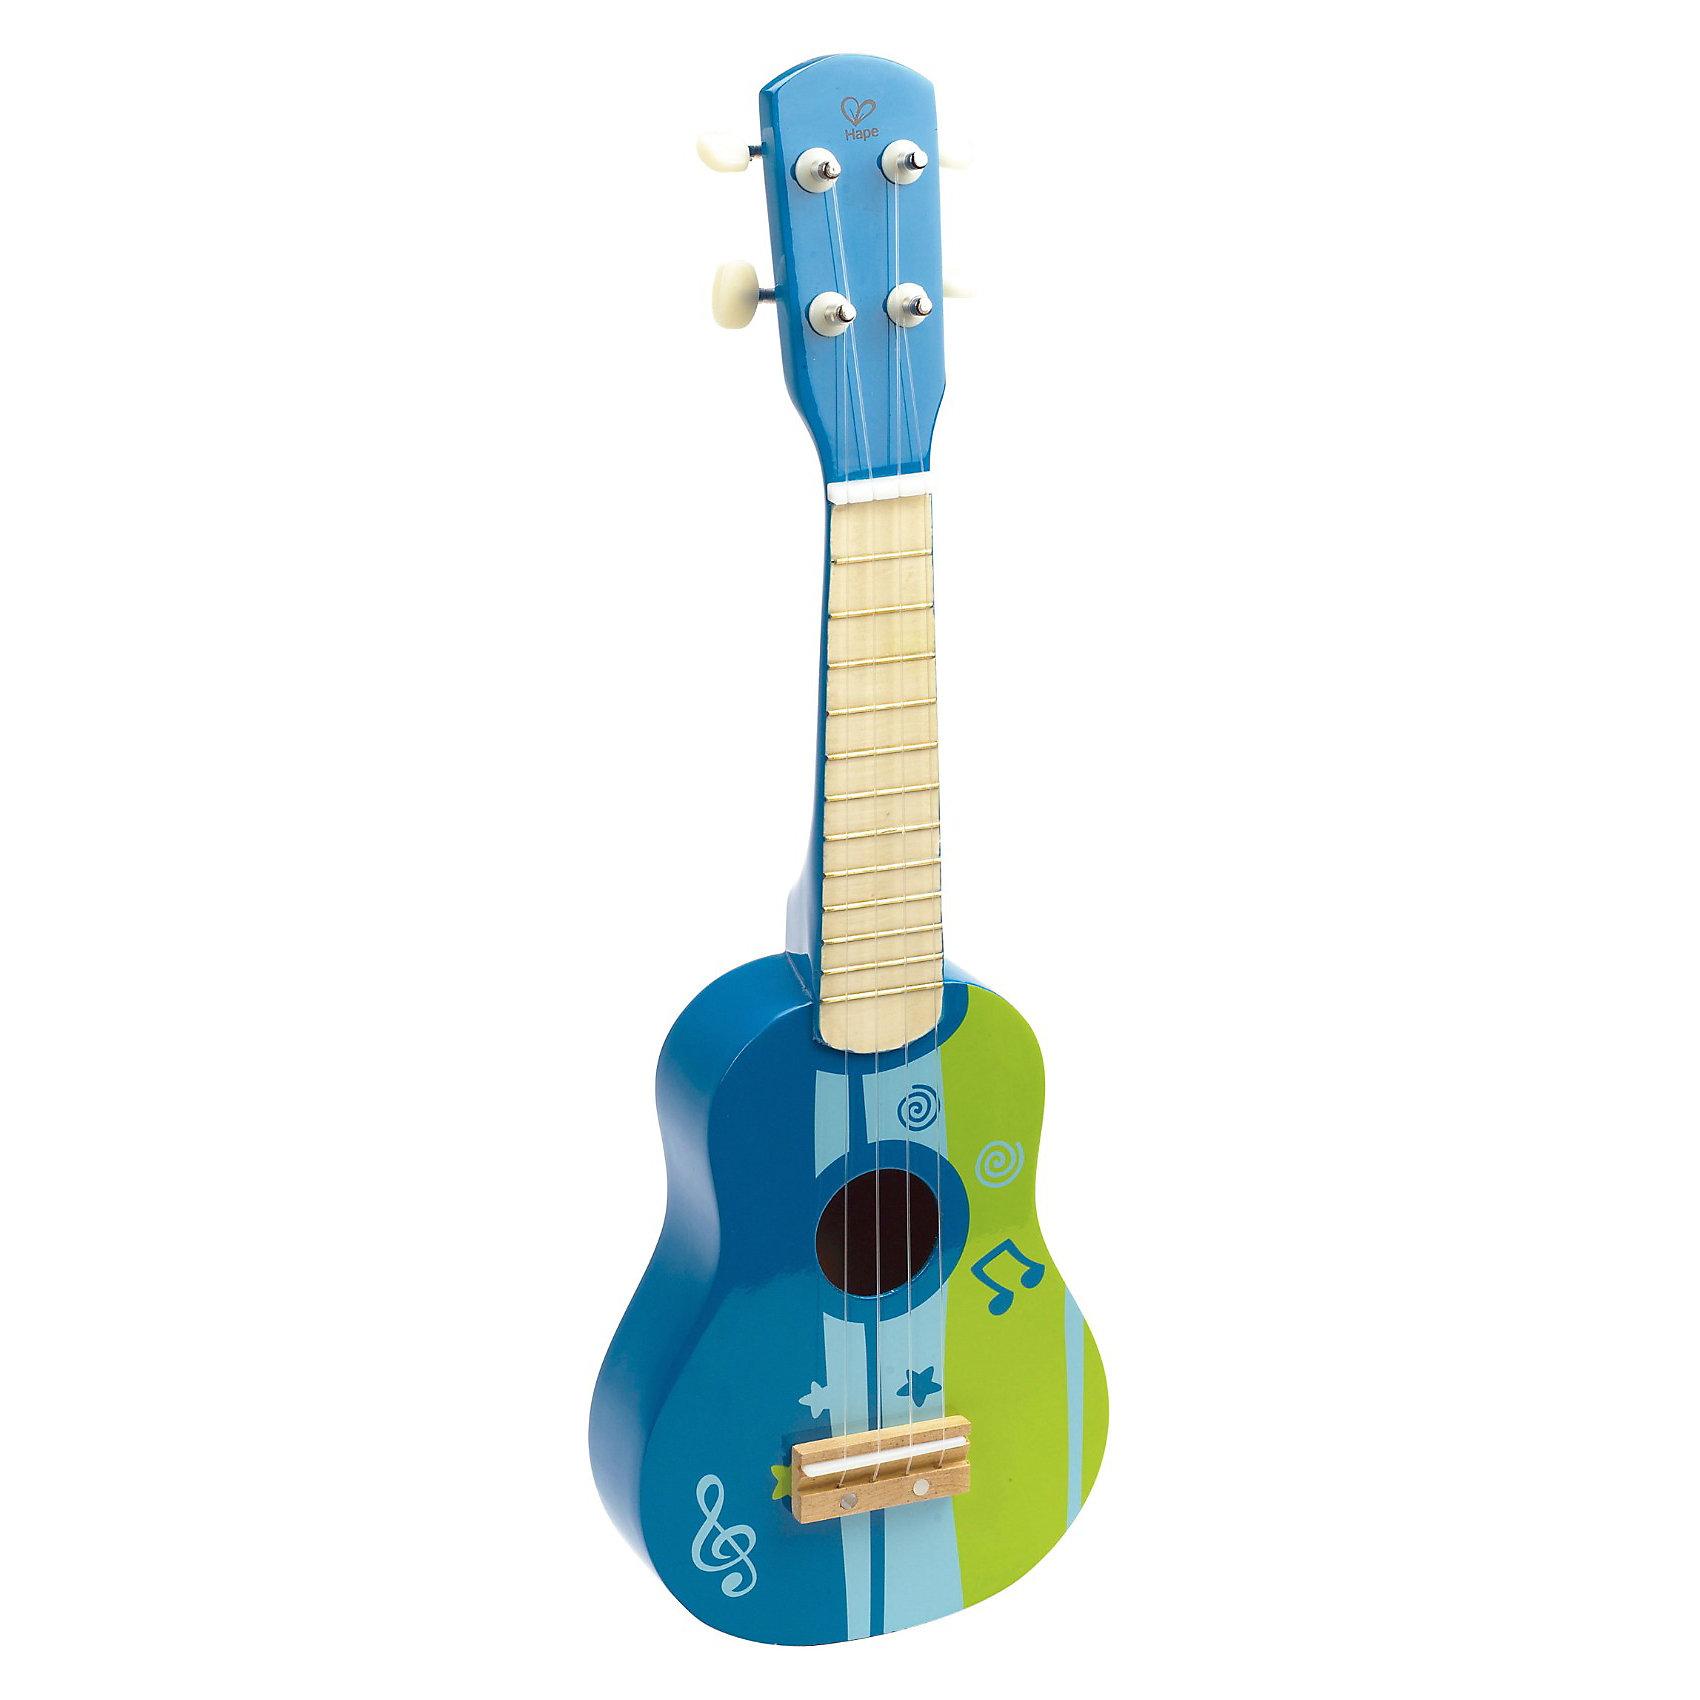 Гитара синяя, HapeДеревянные музыкальные игрушки<br>Гитара синяя, Hape (Хапе) идеальный подарок  для подросших юных музыкантов. Перебирая струны, малыш не только знакомится с миром музыки, но и тренирует ловкость пальчиков и мелкую моторику. Вашему ребенку обязательно понравится красивый инструмент яркой окраски, и возможно позже он захочет освоить настоящую гитару!<br>Игрушка развивает музыкальный слух, звучание инструмента натуральное, дарит положительные эмоции. Игрушка изготовлена из ценных, редких видов деревьев. Для окраски применяются стойкие краски, не содержащие фенол.<br><br>Дополнительная информация:<br><br>- Первый музыкальный инструмент малыша;<br>- У гитары 4 струны;<br>- Материал: дерево, металл;<br>- Малыш сможет создавать свои собственные музыкальные партии;<br>- Развивает мелкую моторику, координации глаз и рук, музыкальные навыки;<br>- Игрушка понравится как девочкам, так и мальчикам;<br>- Цвет: Синий;<br>- Размер гитары: 53 х 17 х 6 см;<br>- Вес: 0,36 кг.<br><br>Гитару синюю, Hape (Хапе)  можно купить в нашем интернет-магазине.<br><br>Ширина мм: 545<br>Глубина мм: 100<br>Высота мм: 175<br>Вес г: 360<br>Возраст от месяцев: 36<br>Возраст до месяцев: 60<br>Пол: Унисекс<br>Возраст: Детский<br>SKU: 3534104